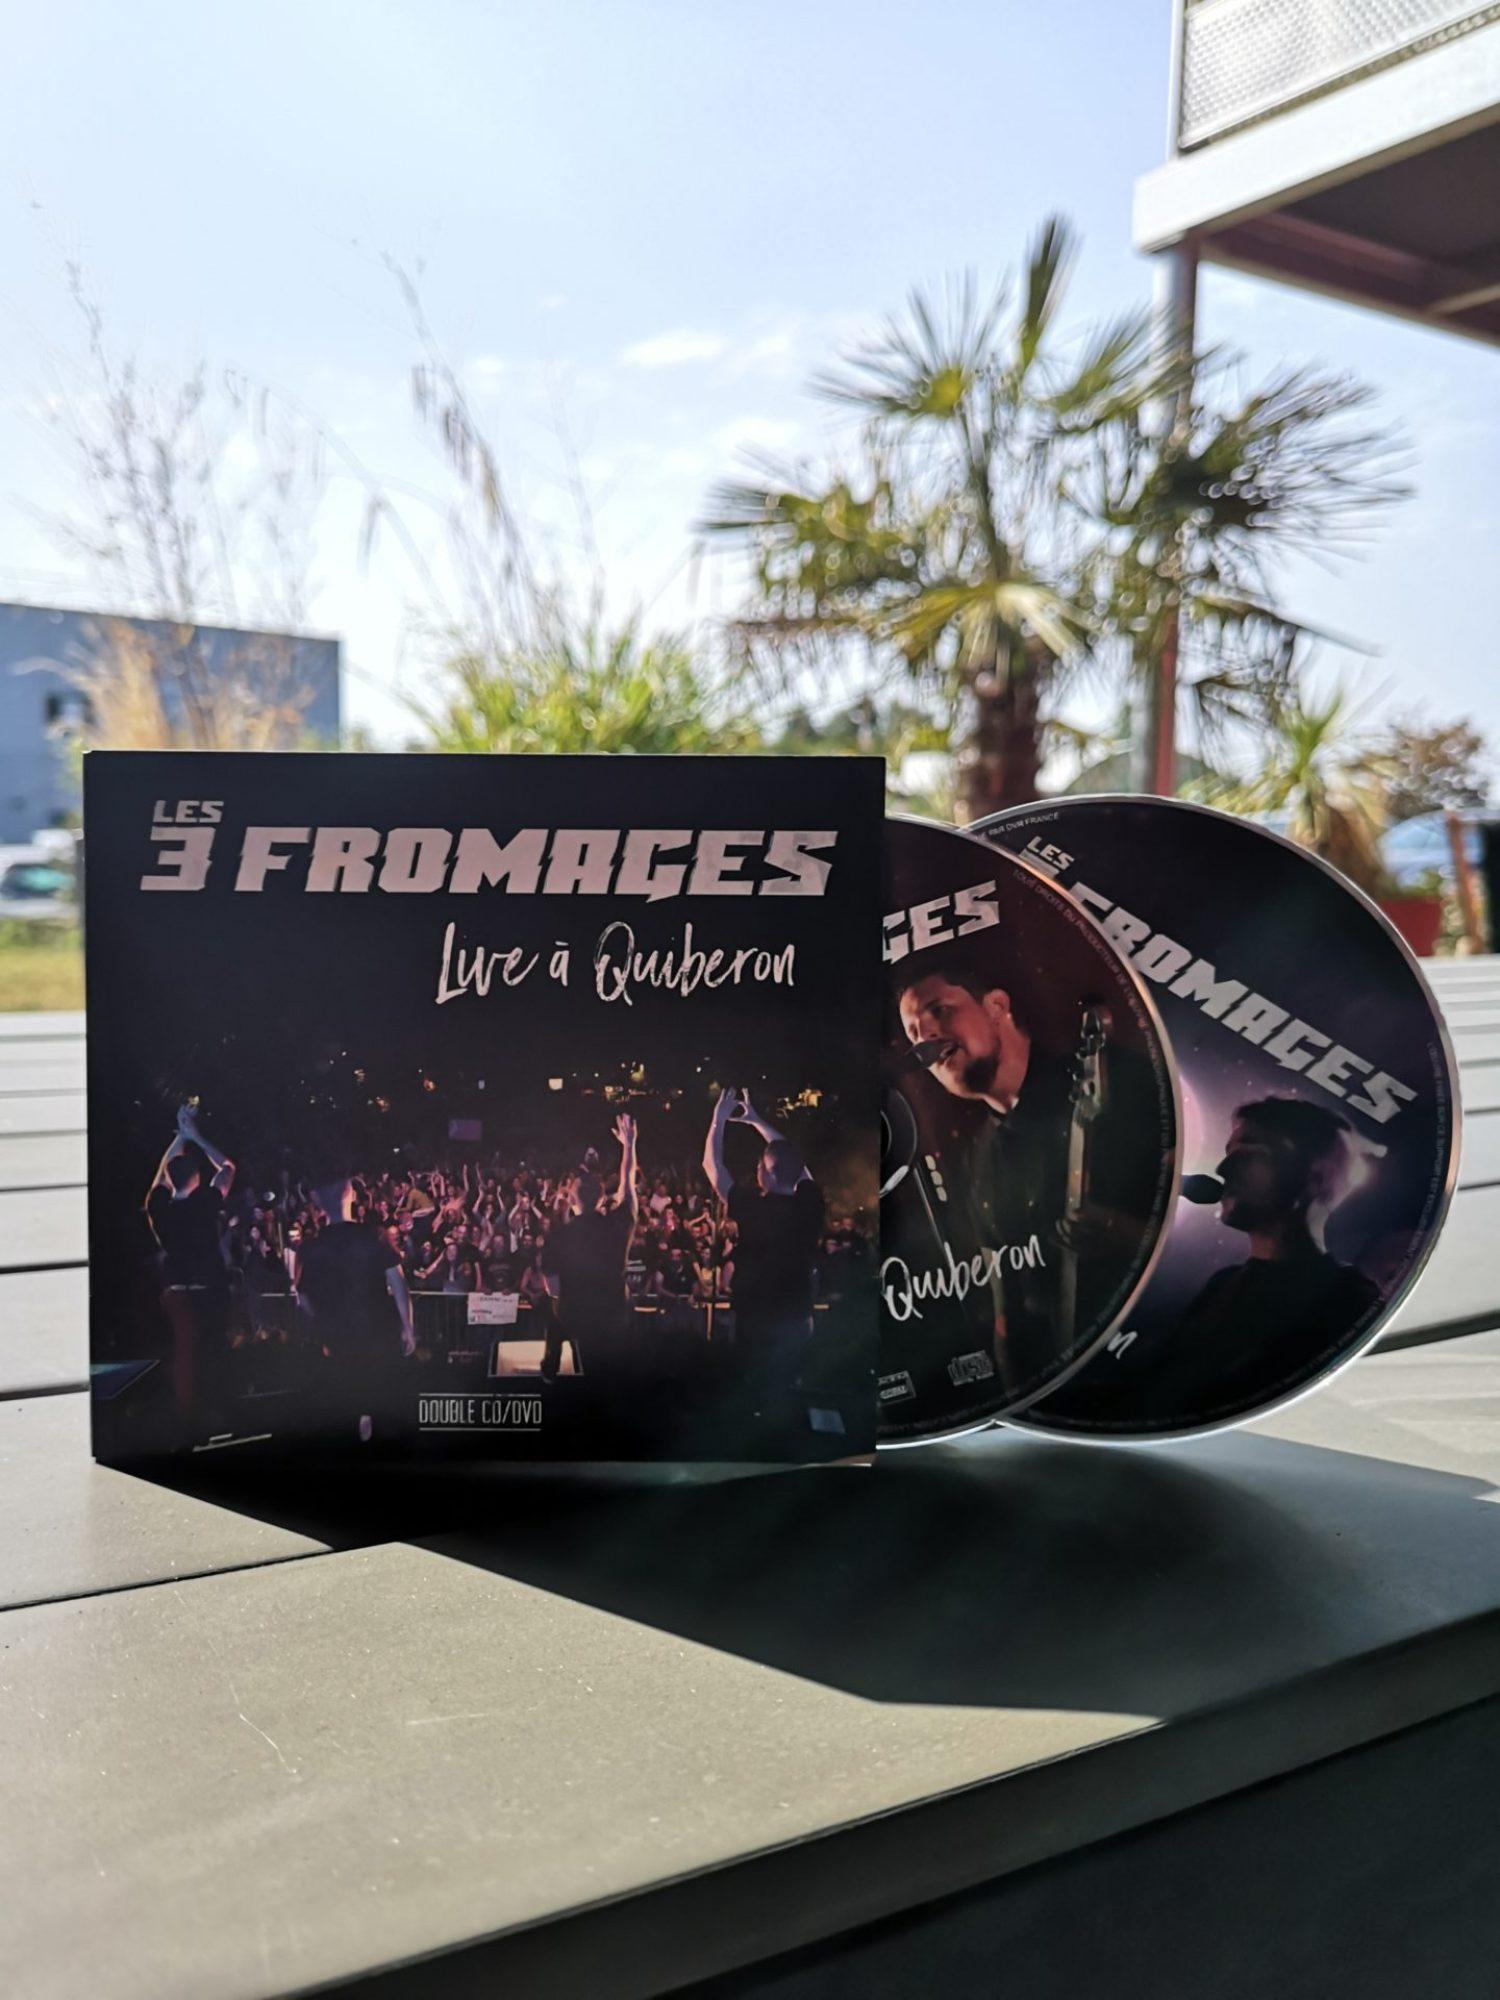 Les 3 Fromages CD/DVD «Live à Quiberon»